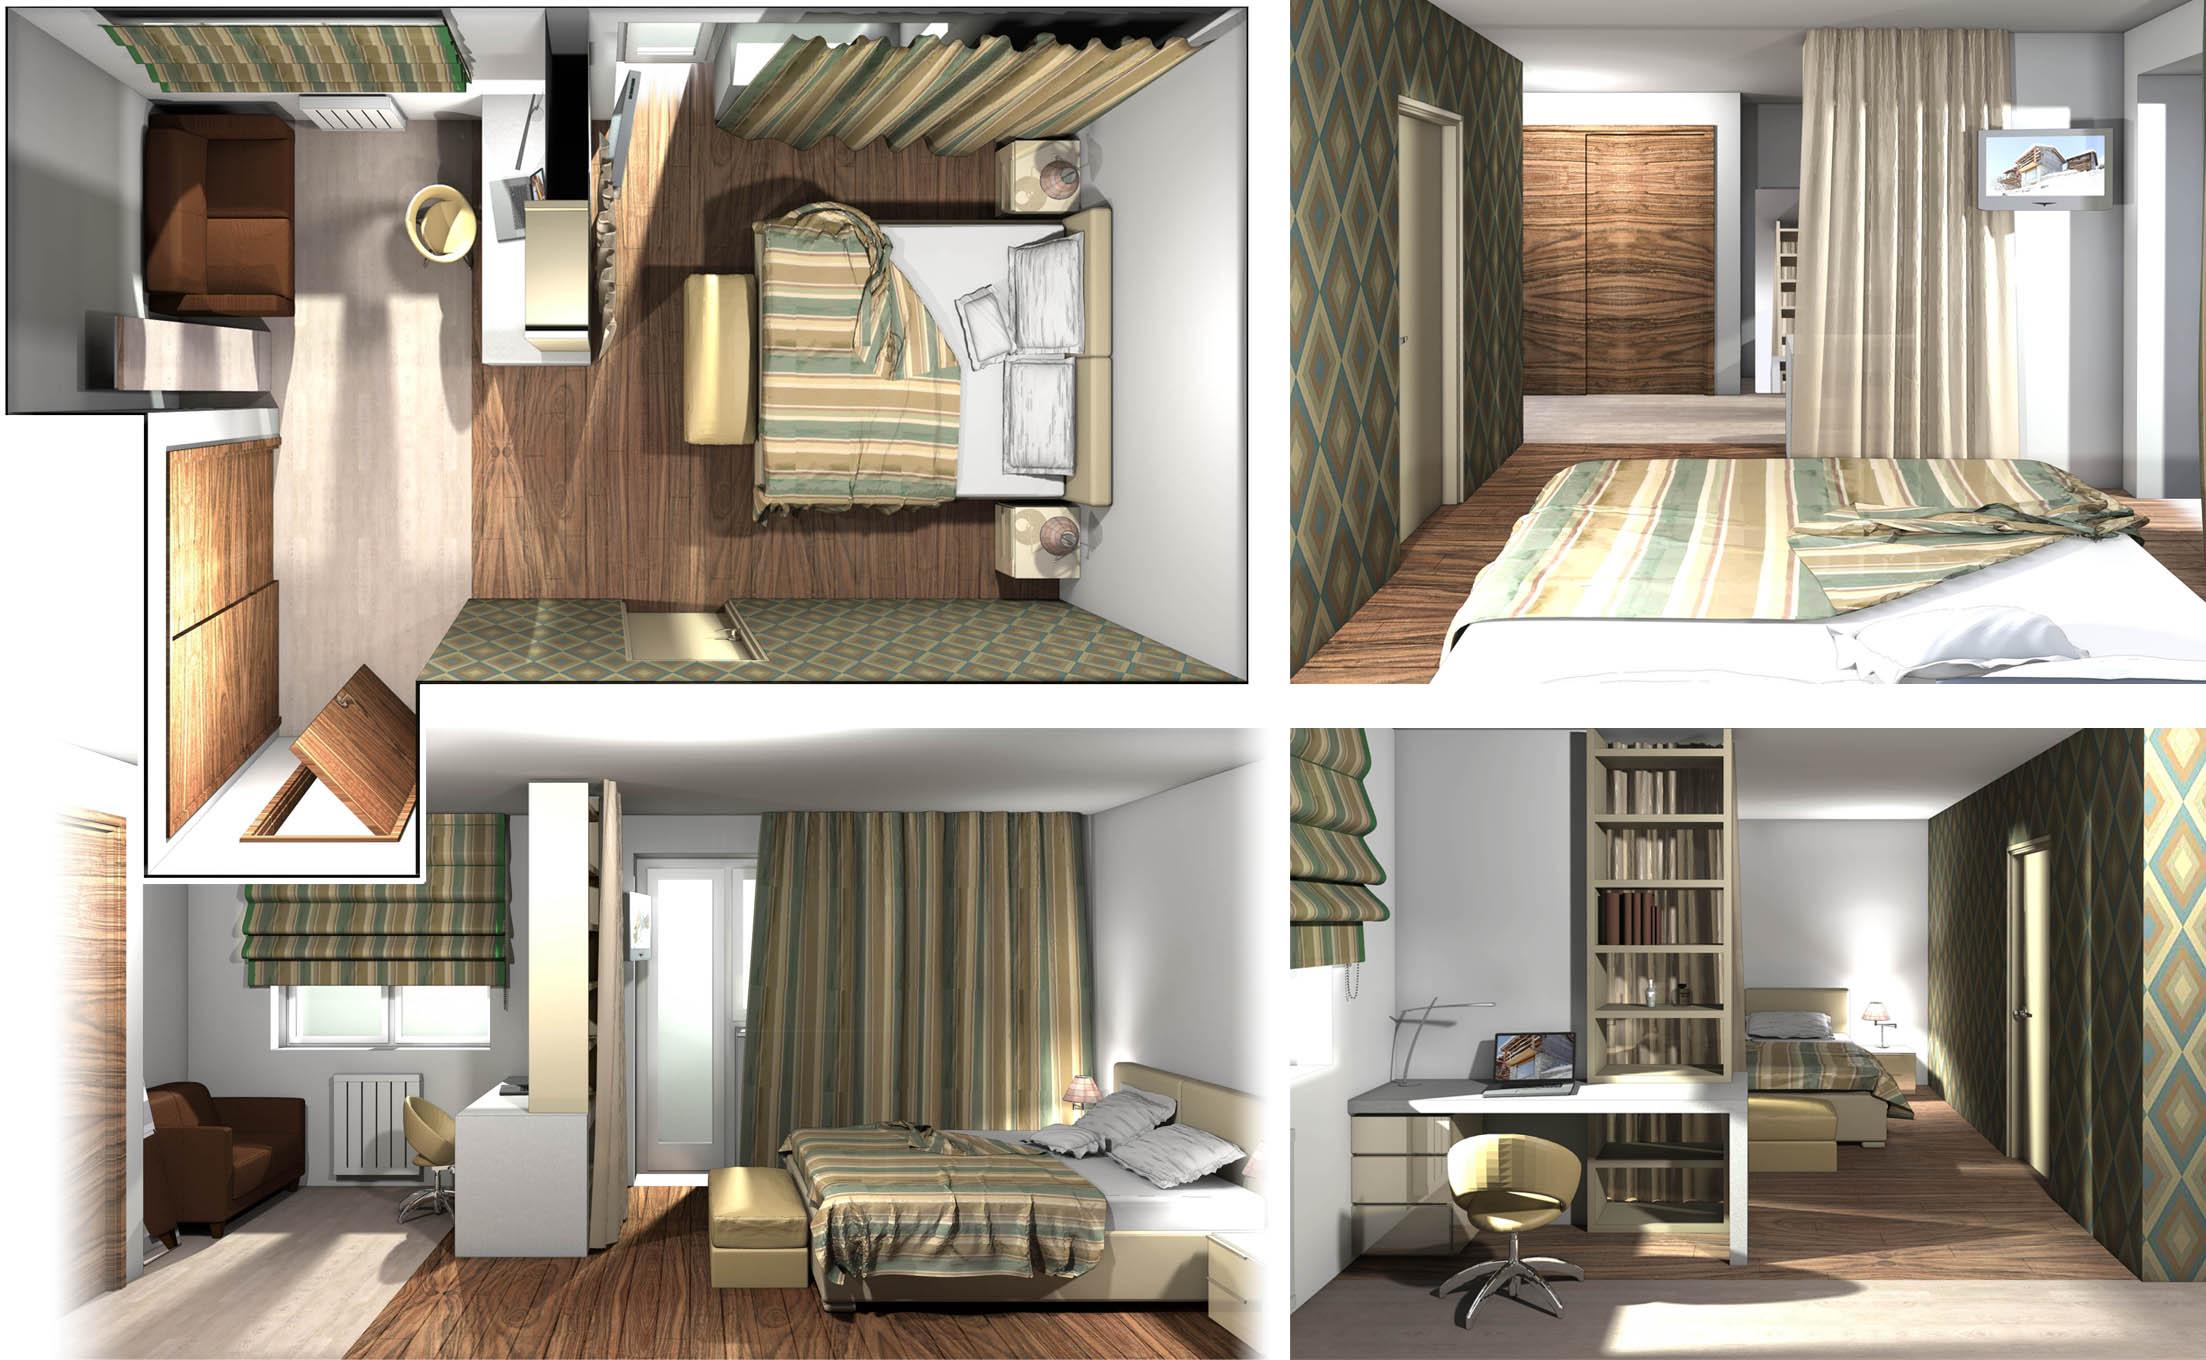 Квартира 100 кв.м / Спальня